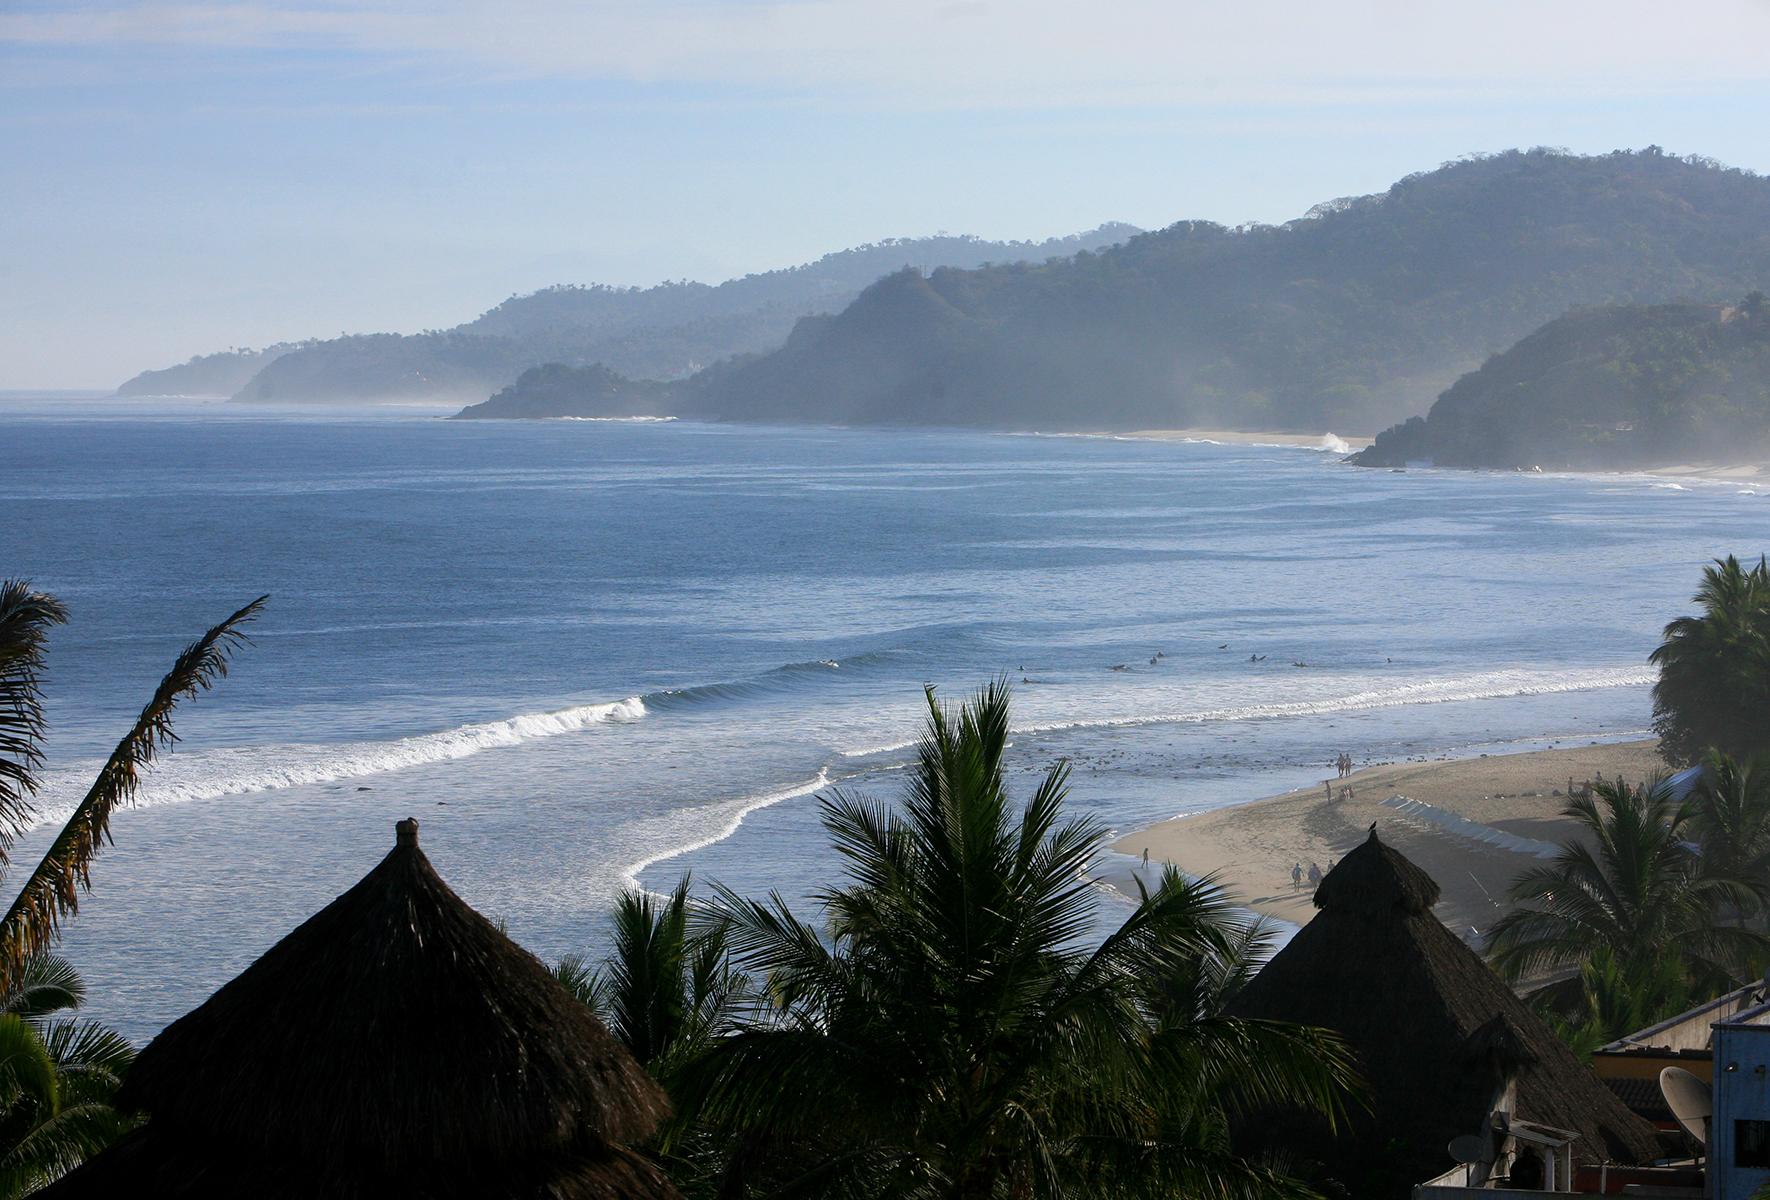 Haramara Sayulita Beach